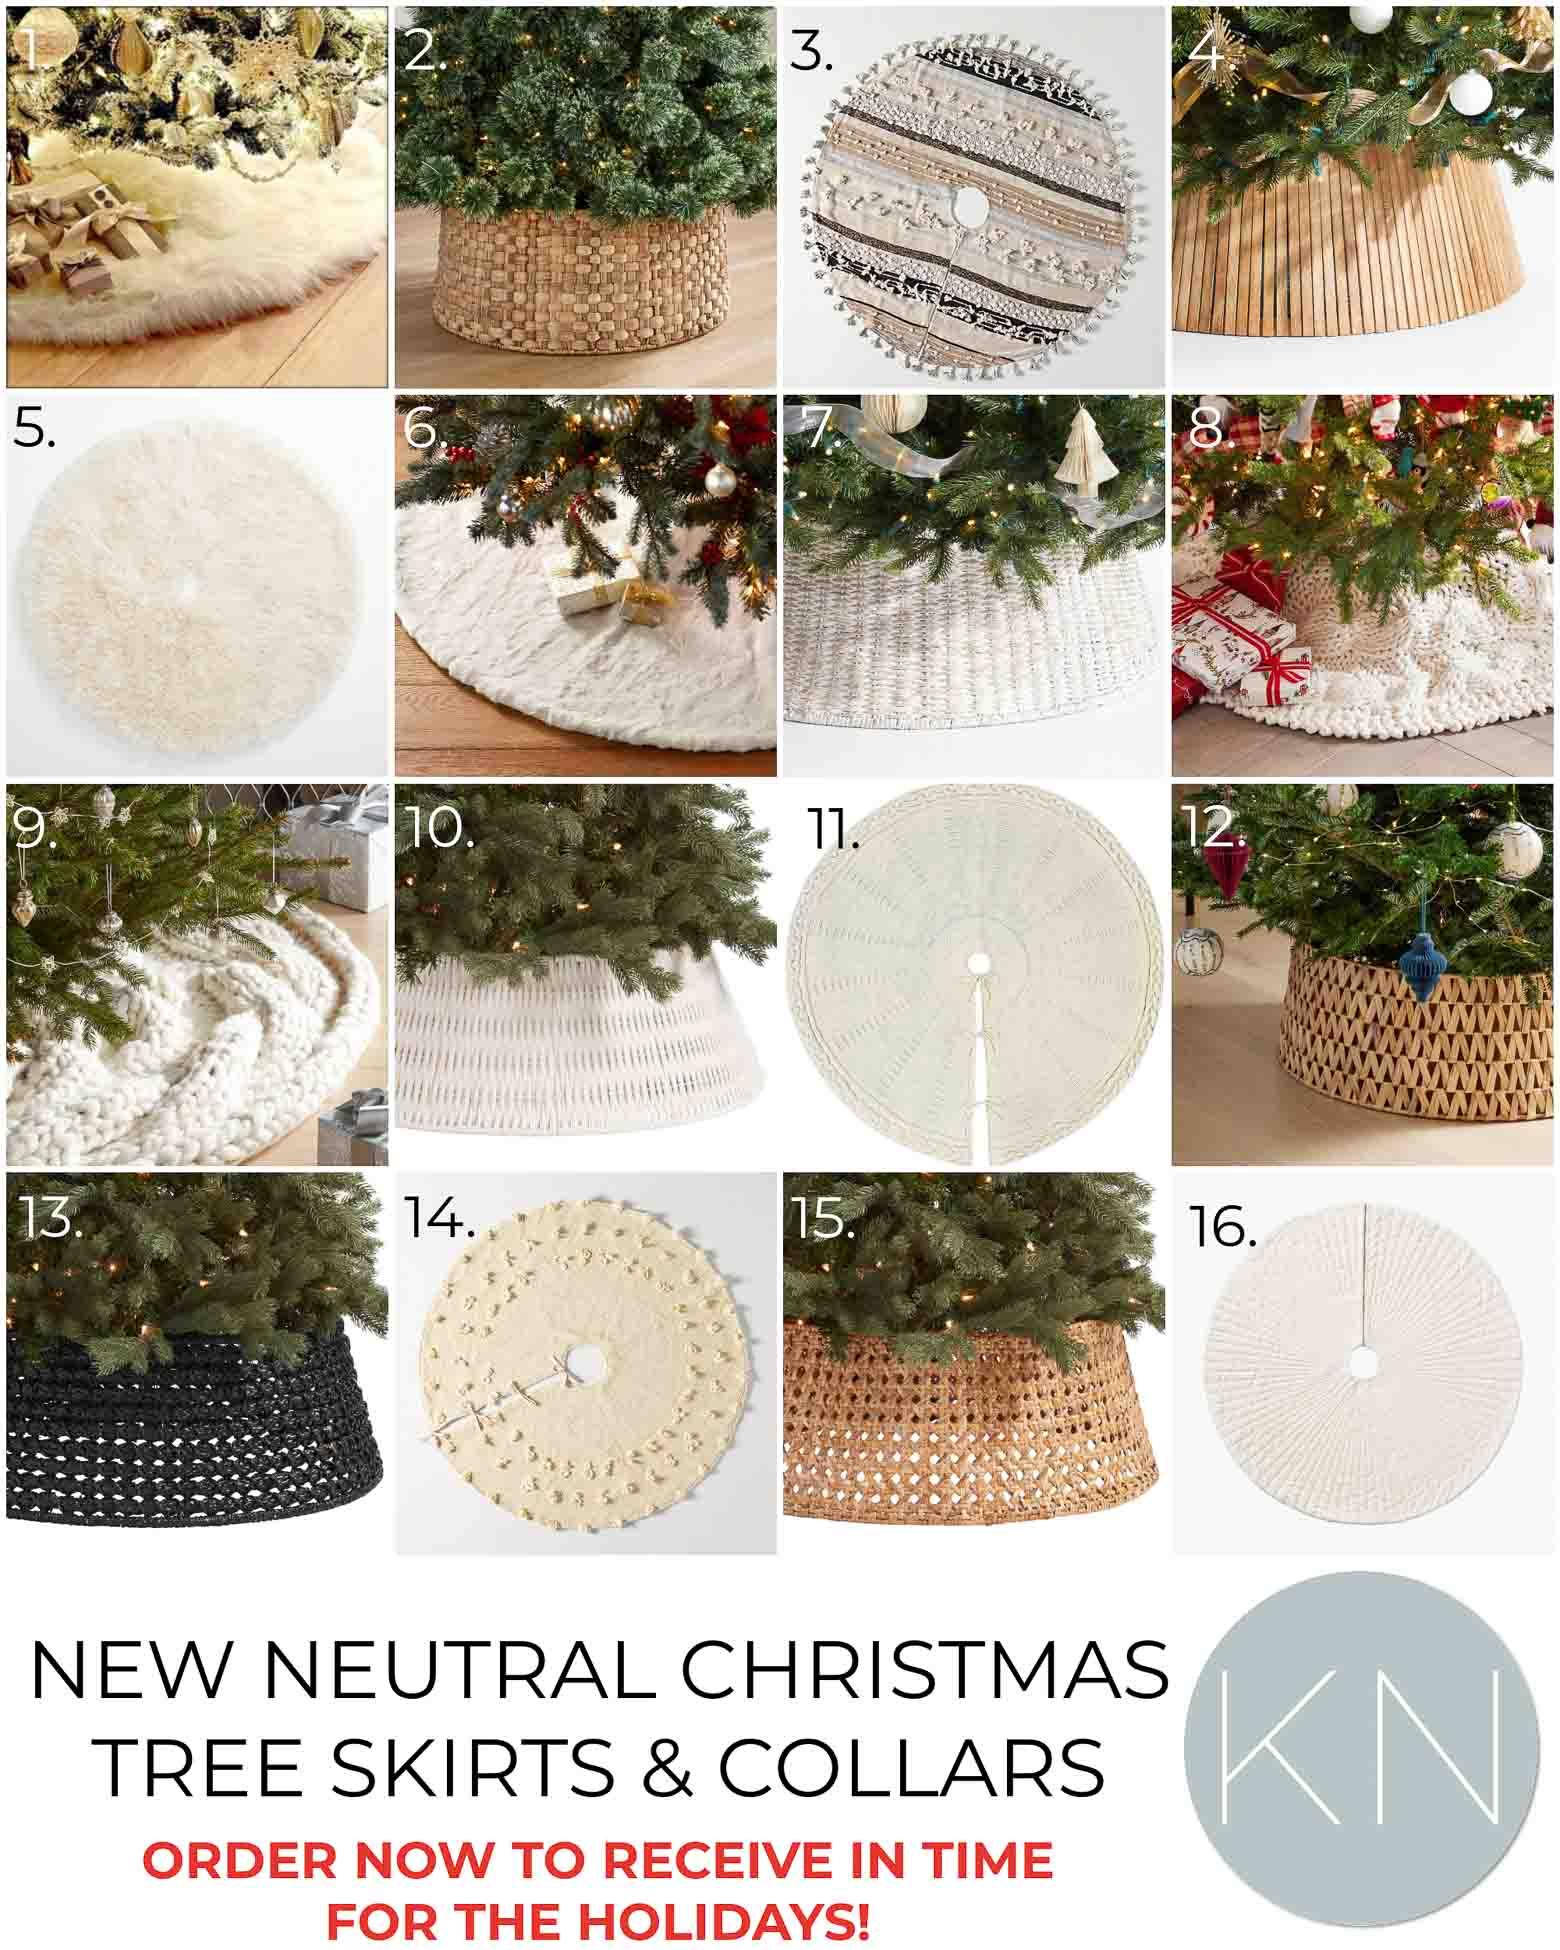 New Christmas Tree Skirts and Christmas Tree Collars for 2021